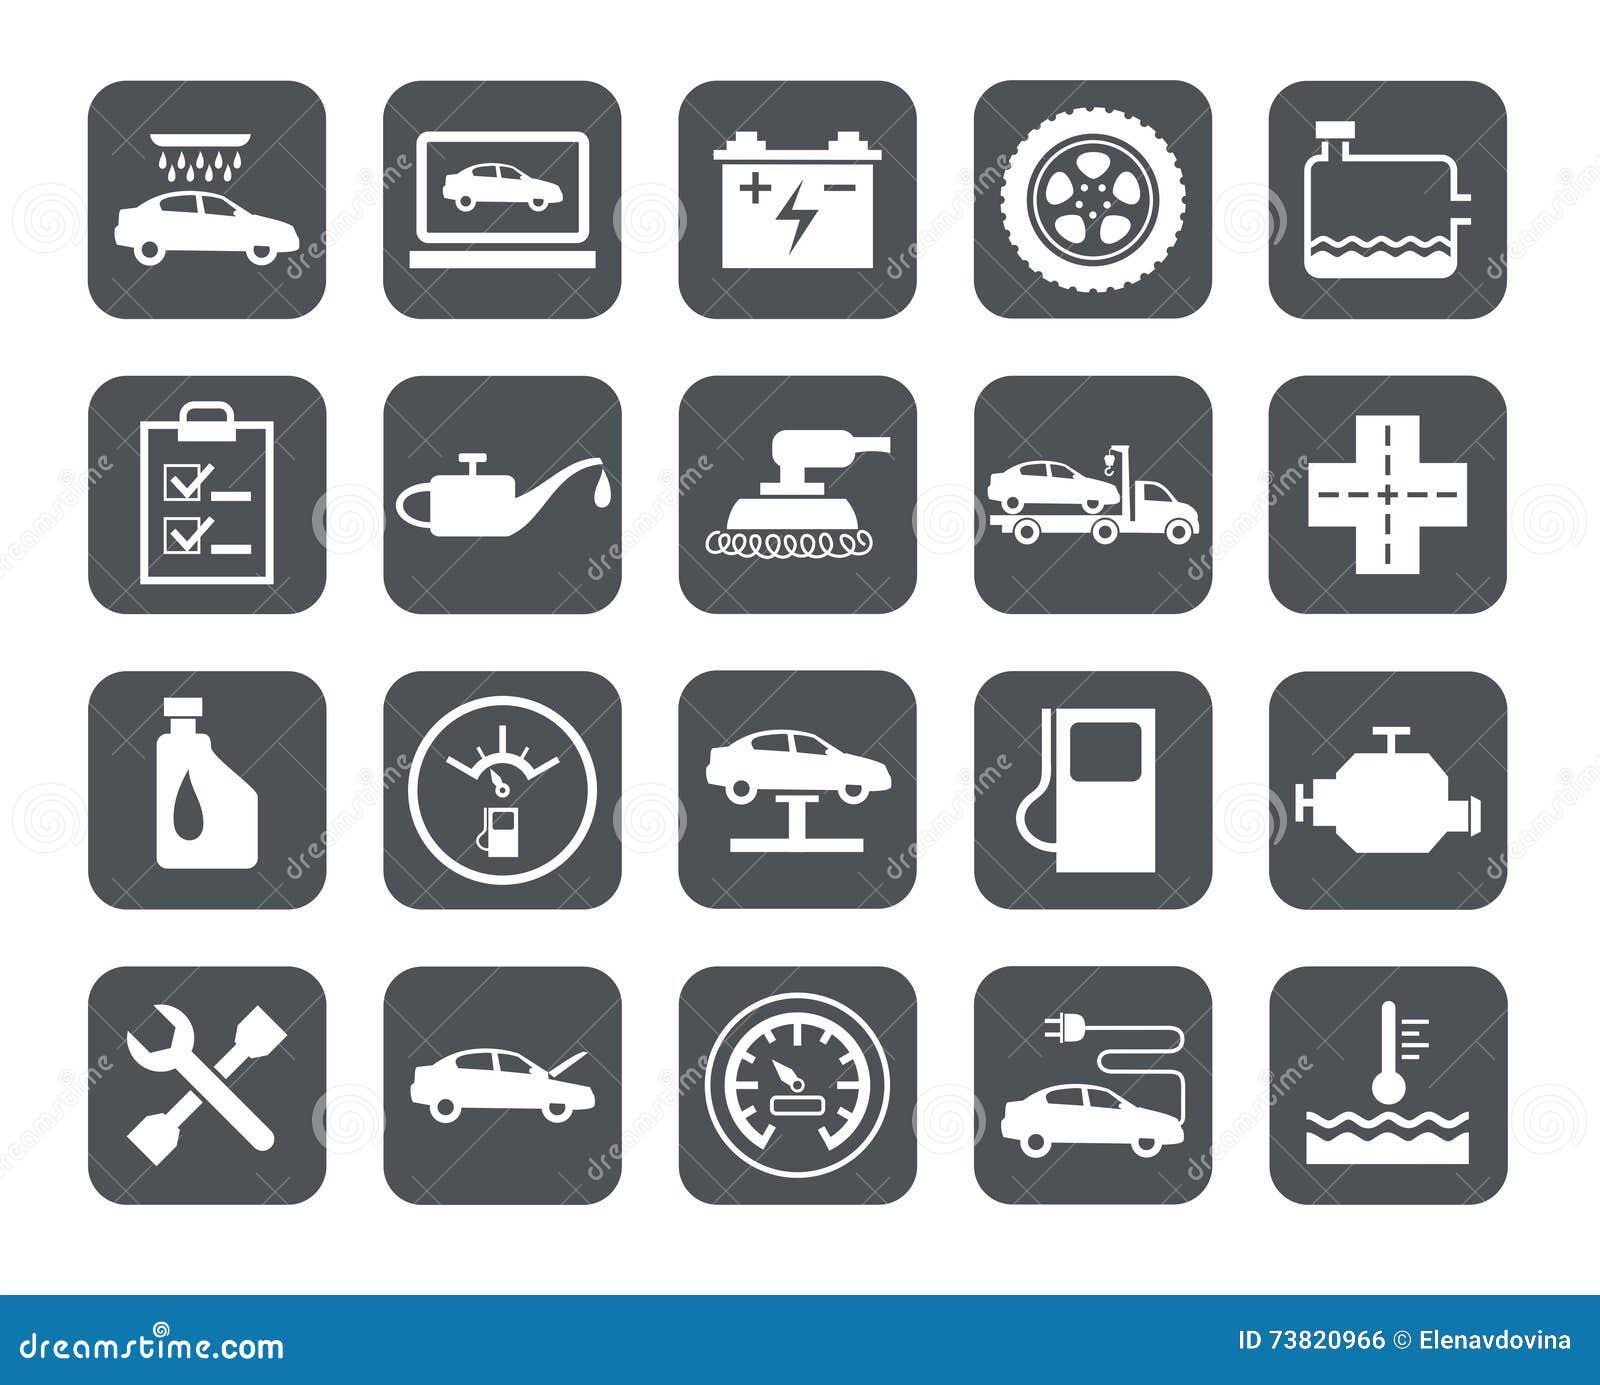 Reparo e manutenção dos veículos, ícones da único-cor, cinzentos